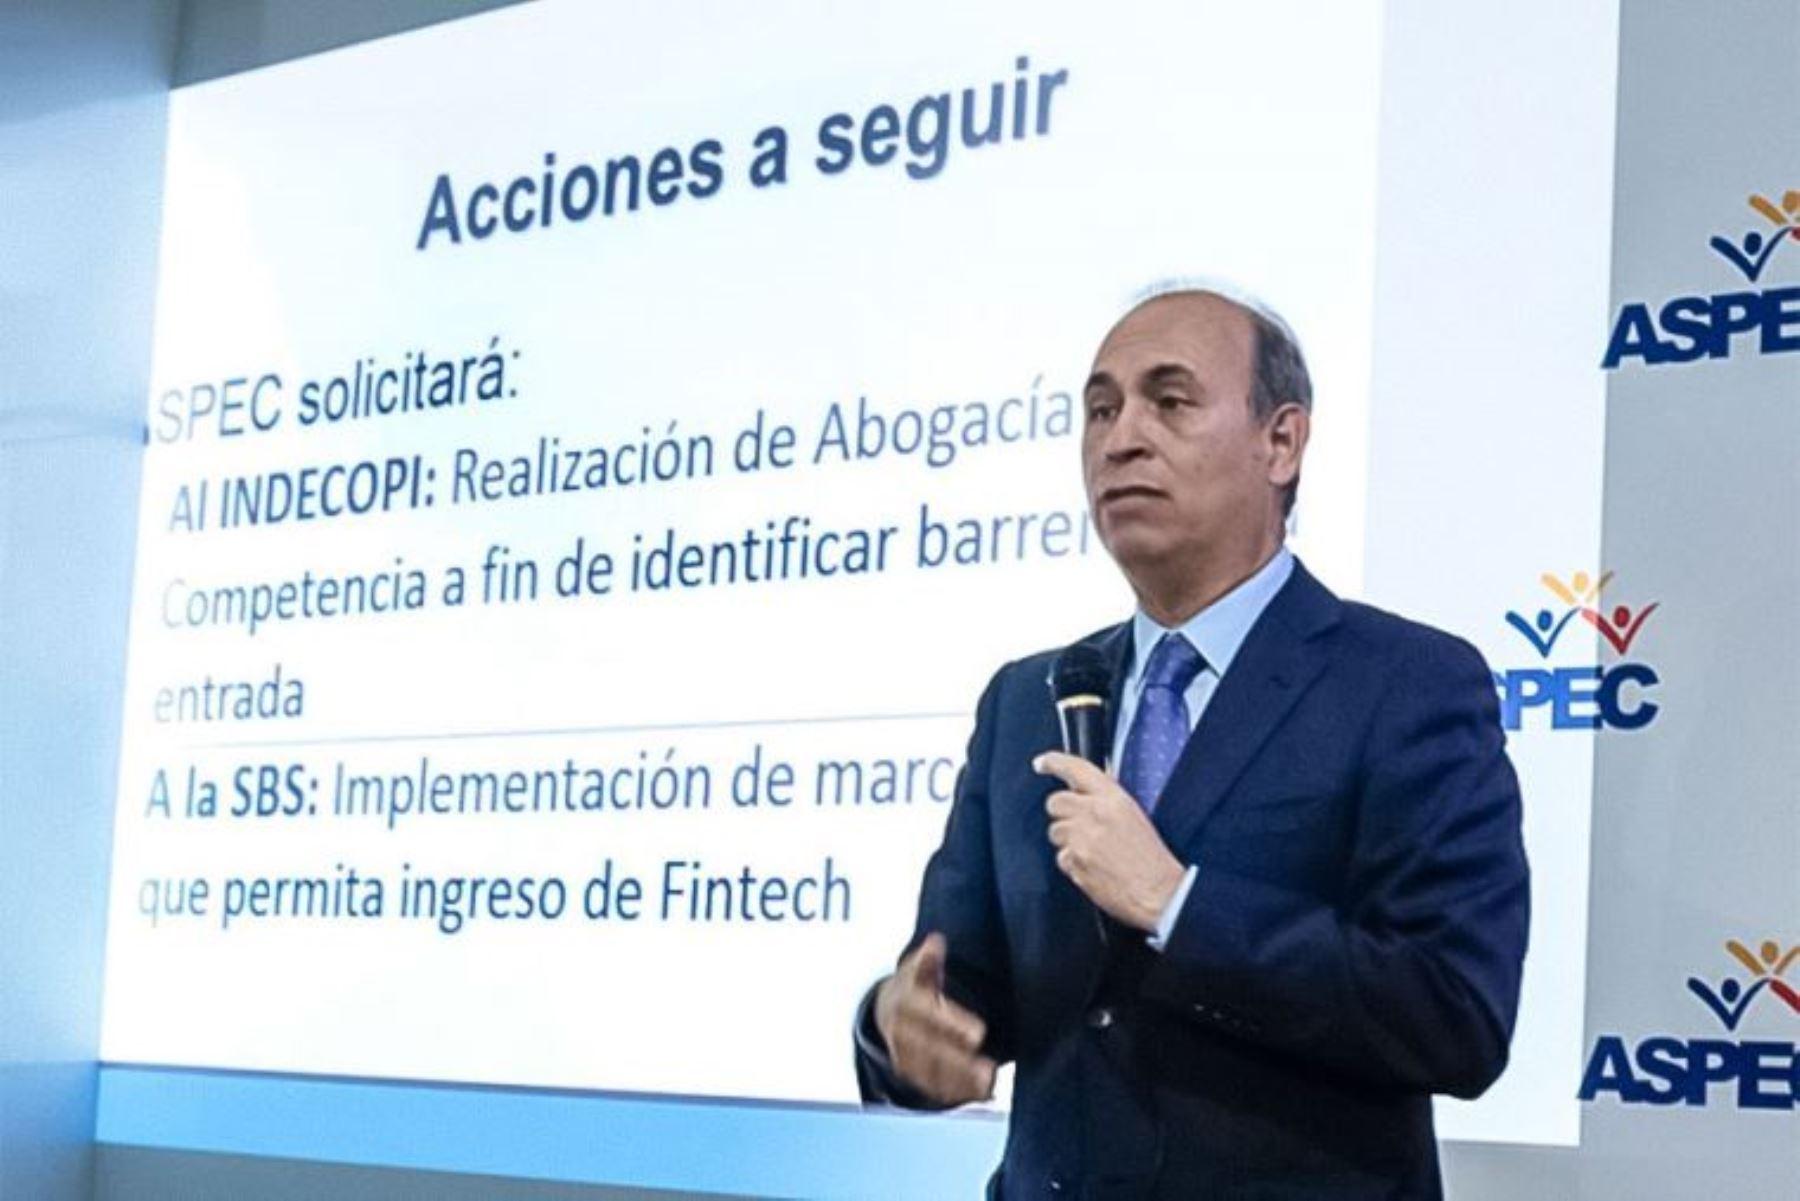 Aspec: en Perú hay grandes monopolios y oligopolios en mercados de alimentos